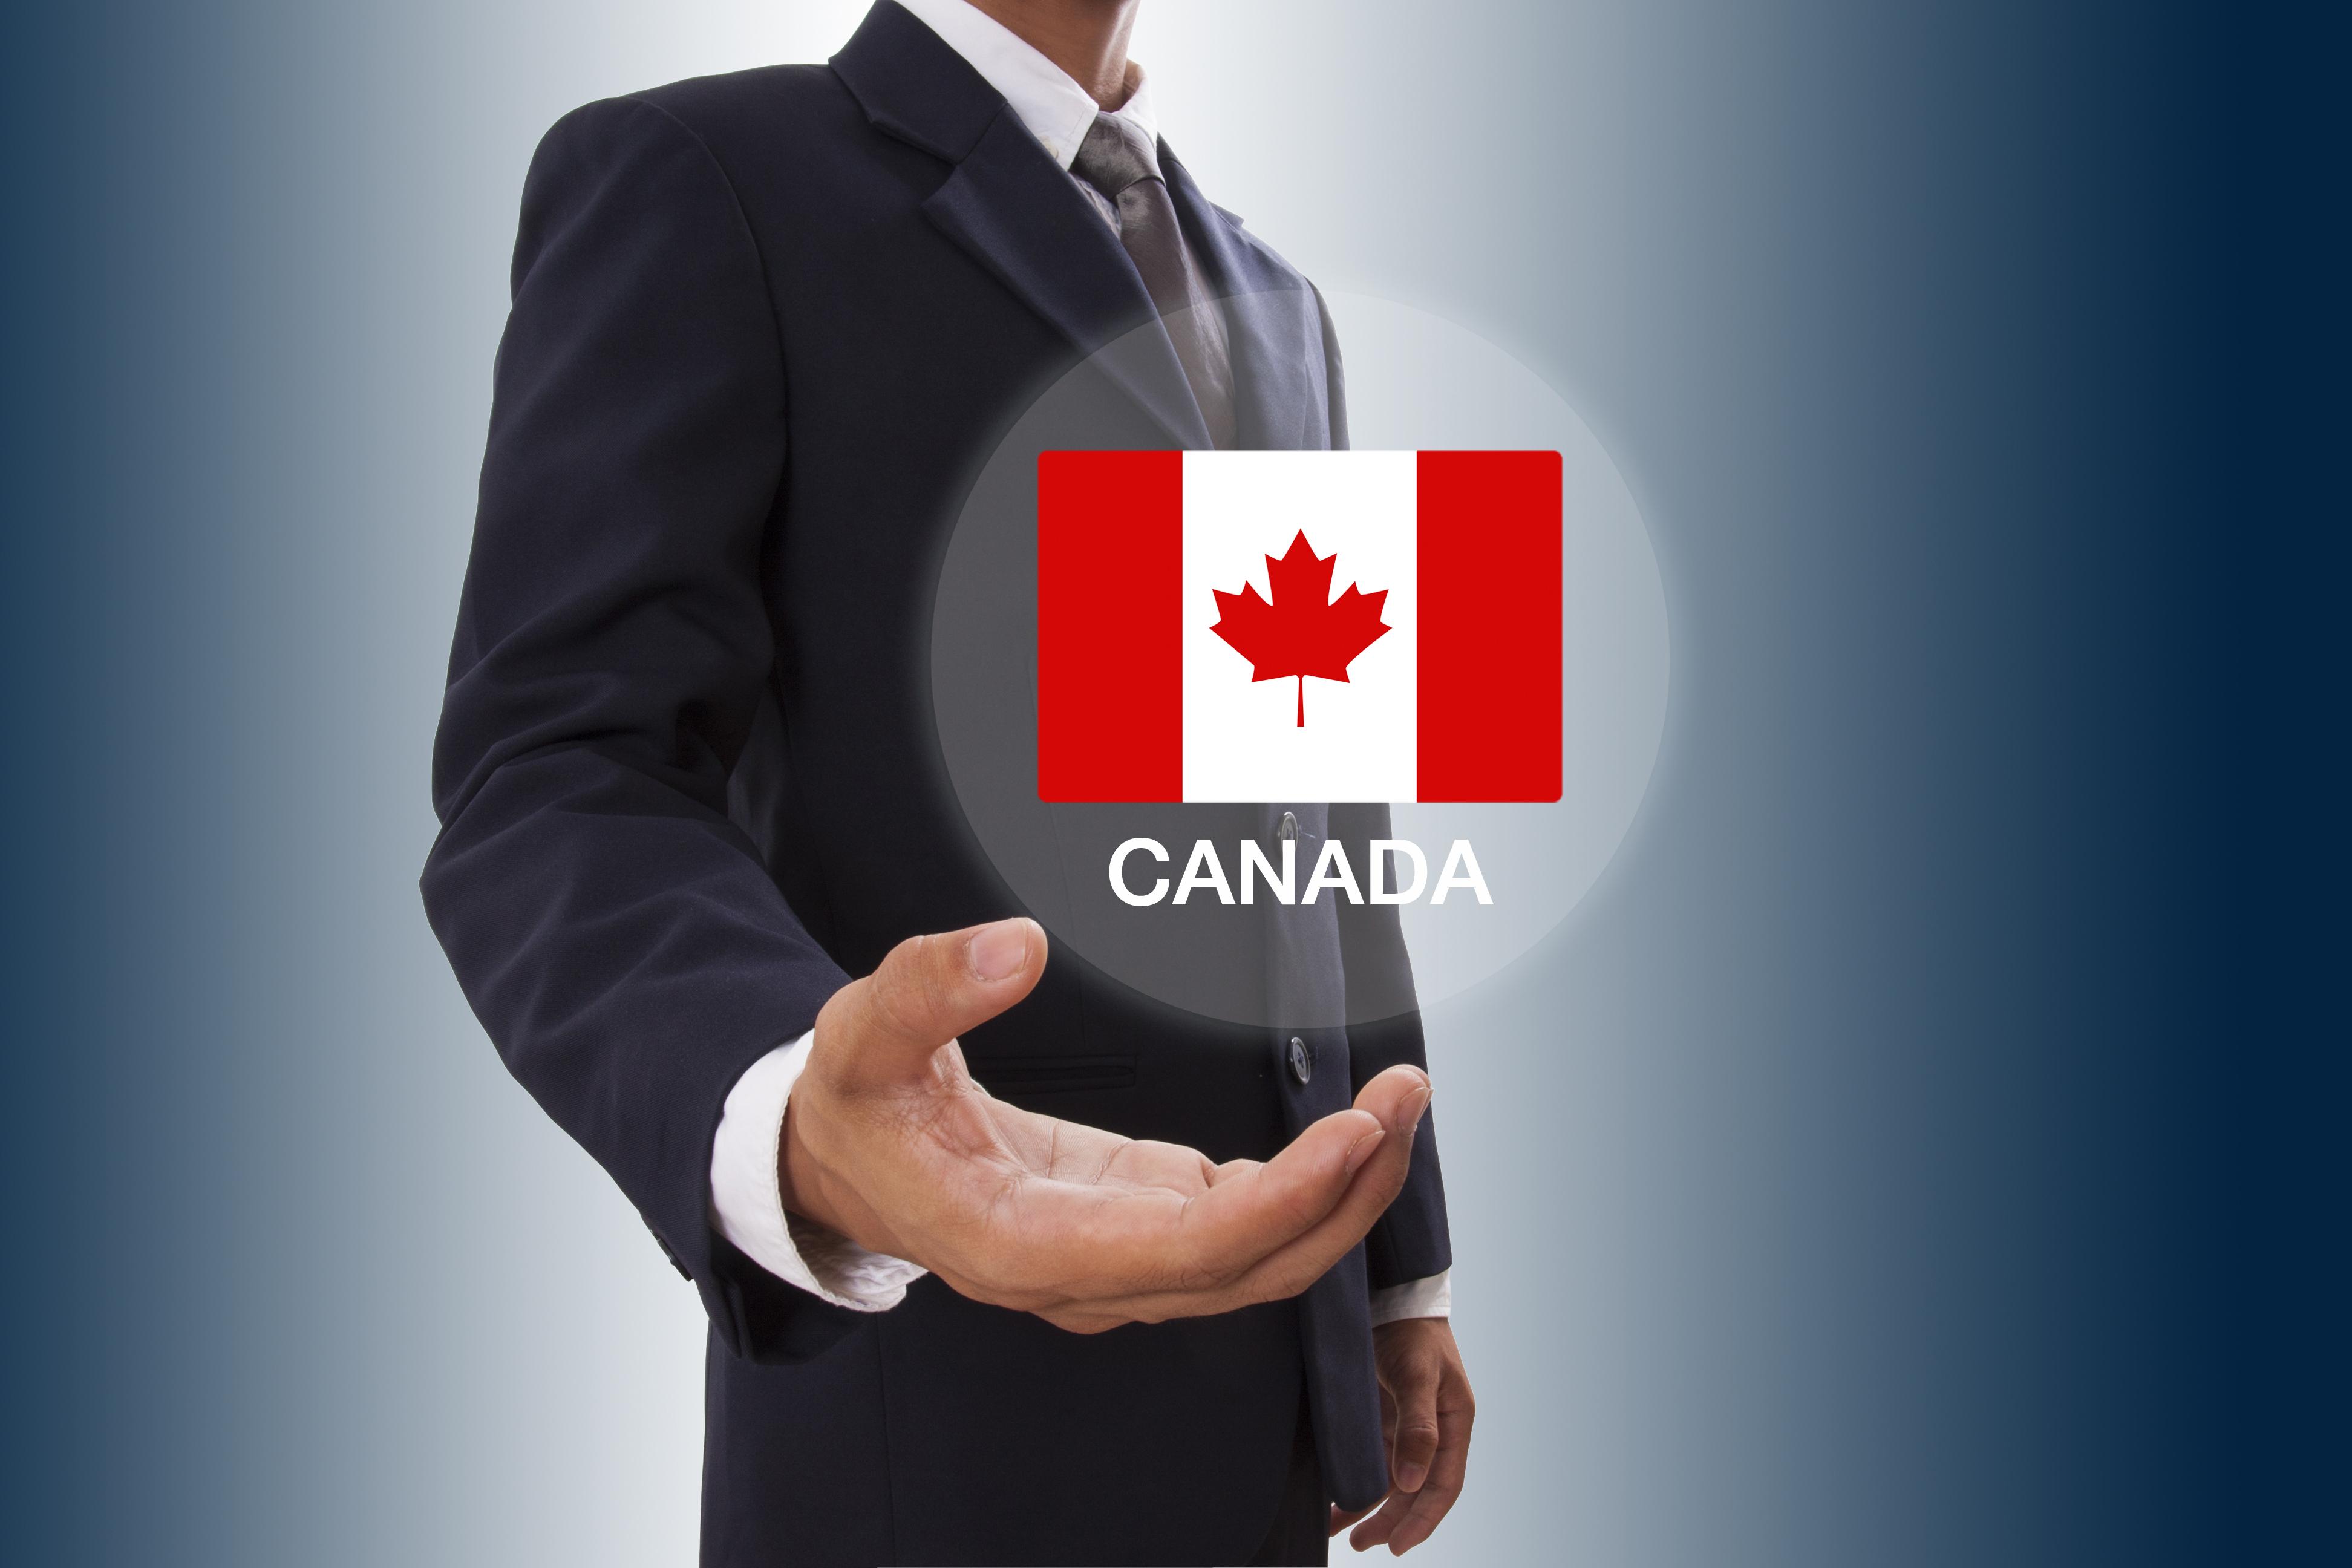 Мужчина с иконкой флага Канады, работа в которой доступна для русских